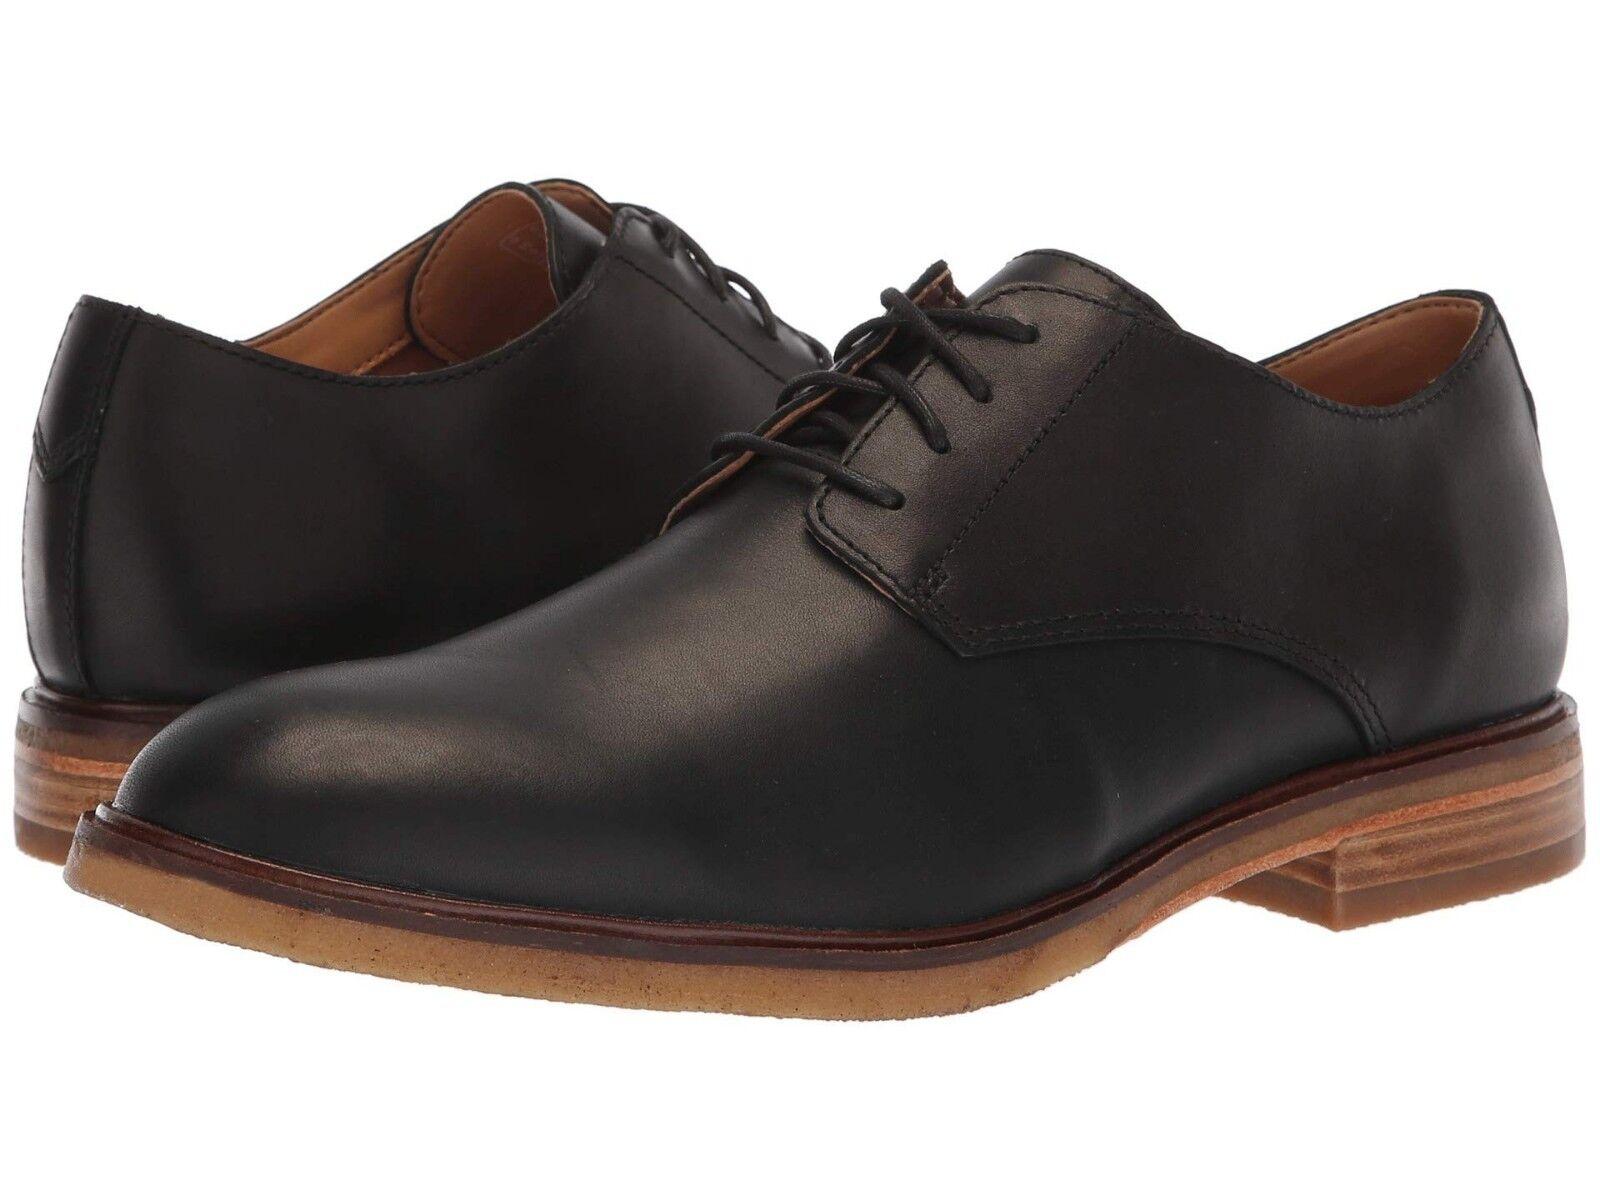 Zapatos De Vestir nuevo Para hombres Cuero Negro Clarks Clarkdale Luna Oxford Auténtico En Caja